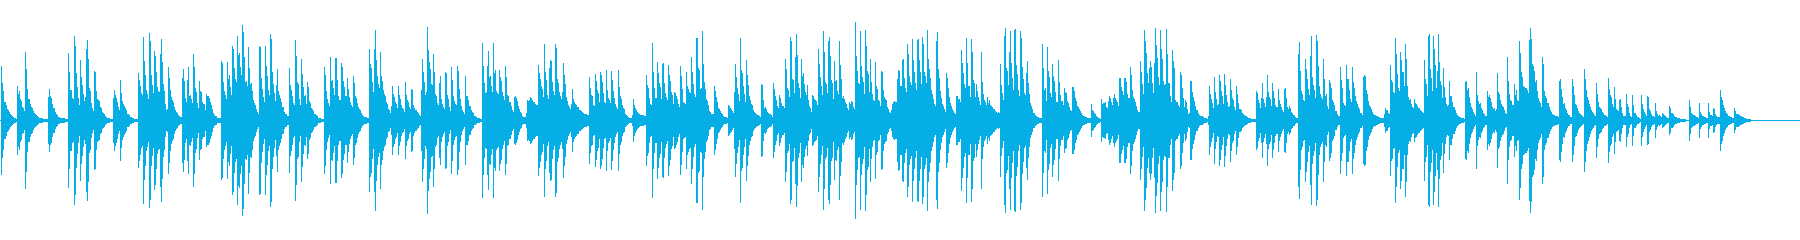 静寂な回顧の念を誘うレクイエム的BGMの再生済みの波形